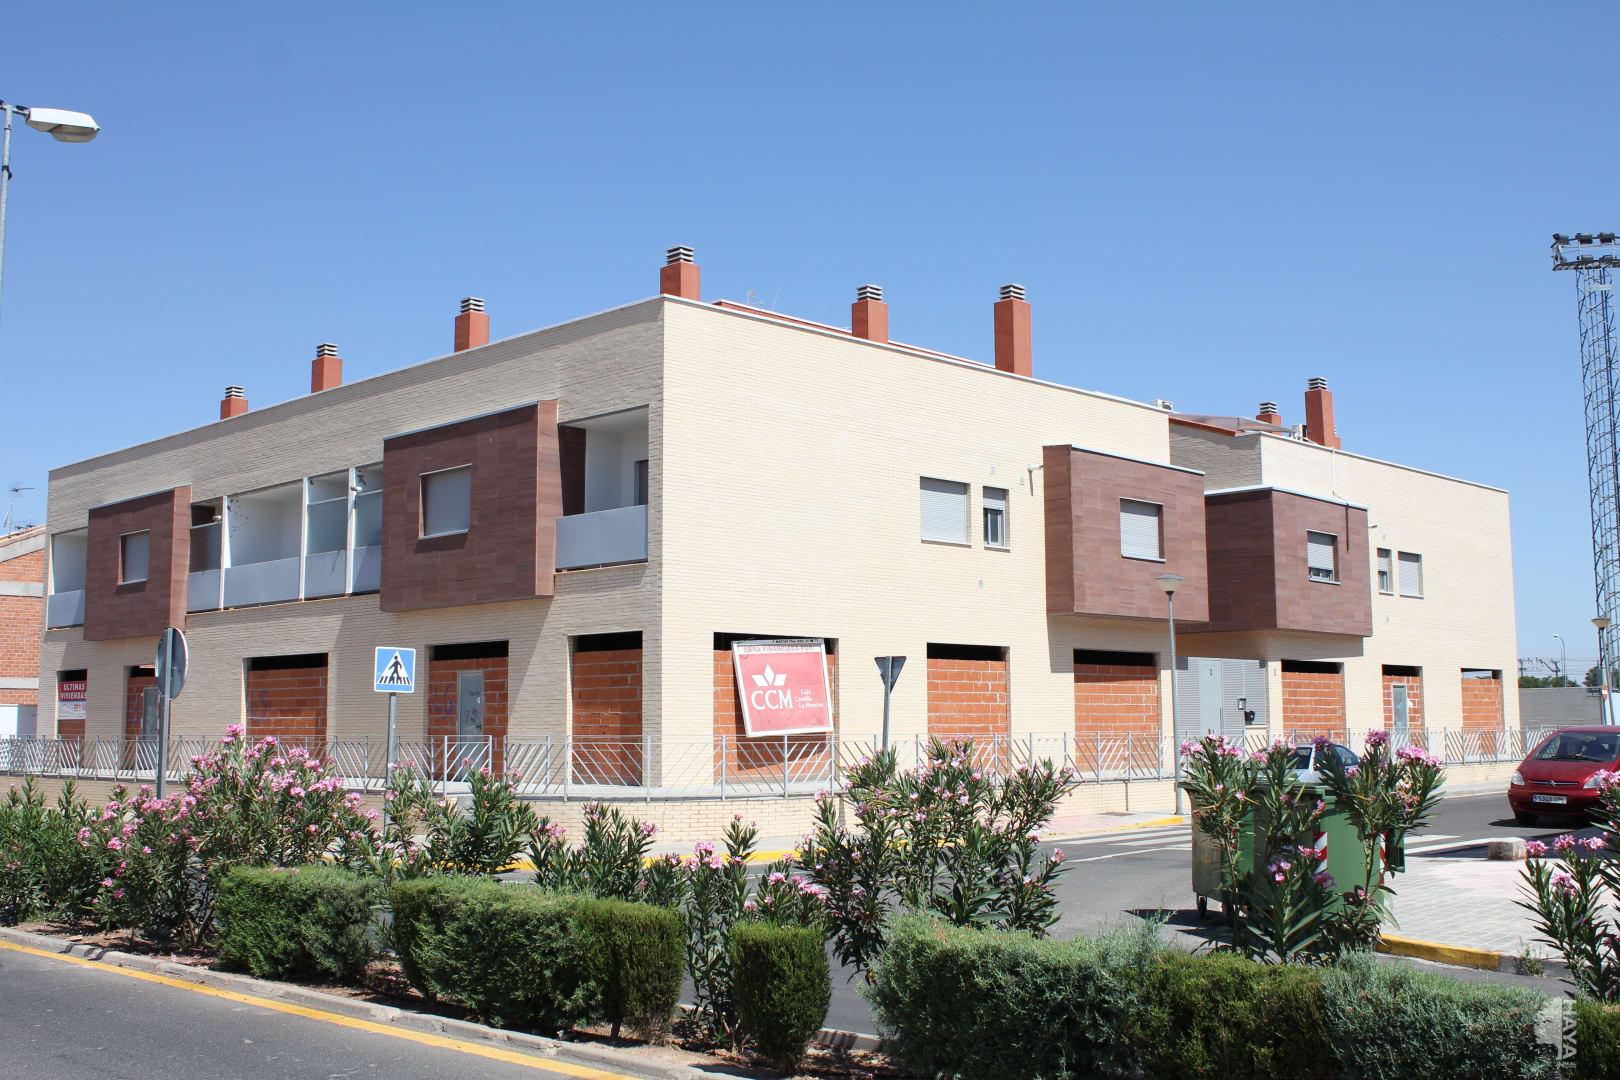 Piso en venta en Miguelturra, Ciudad Real, Calle Chavela Vargas, 68.200 €, 3 habitaciones, 1 baño, 118 m2